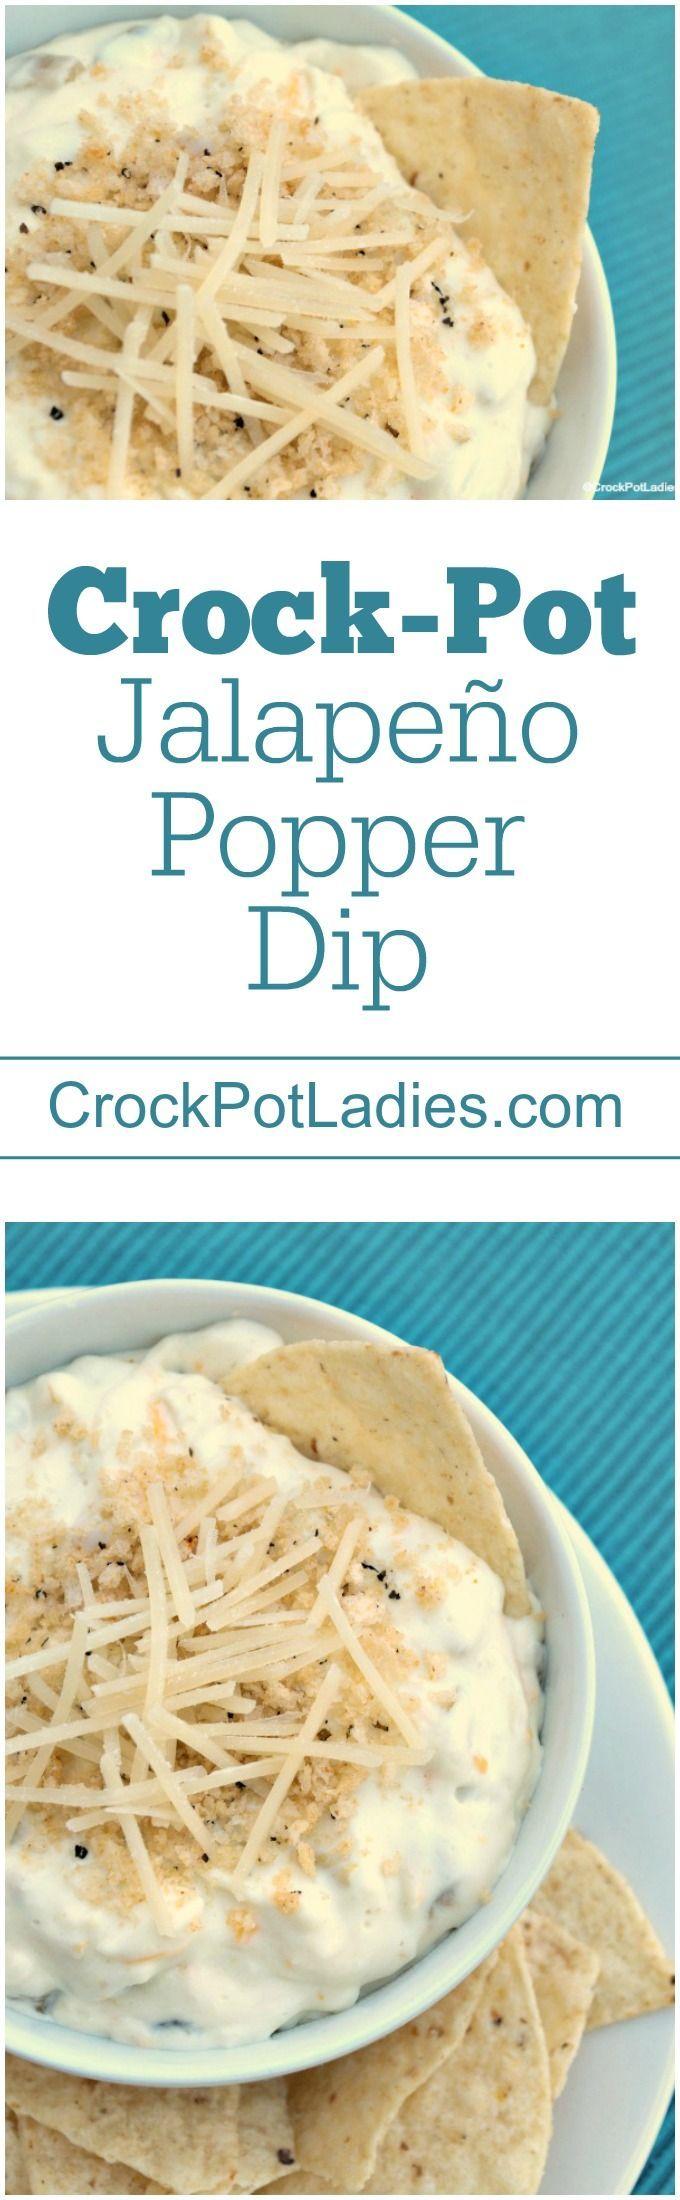 Crock-Pot Jalapeño Popper Dip